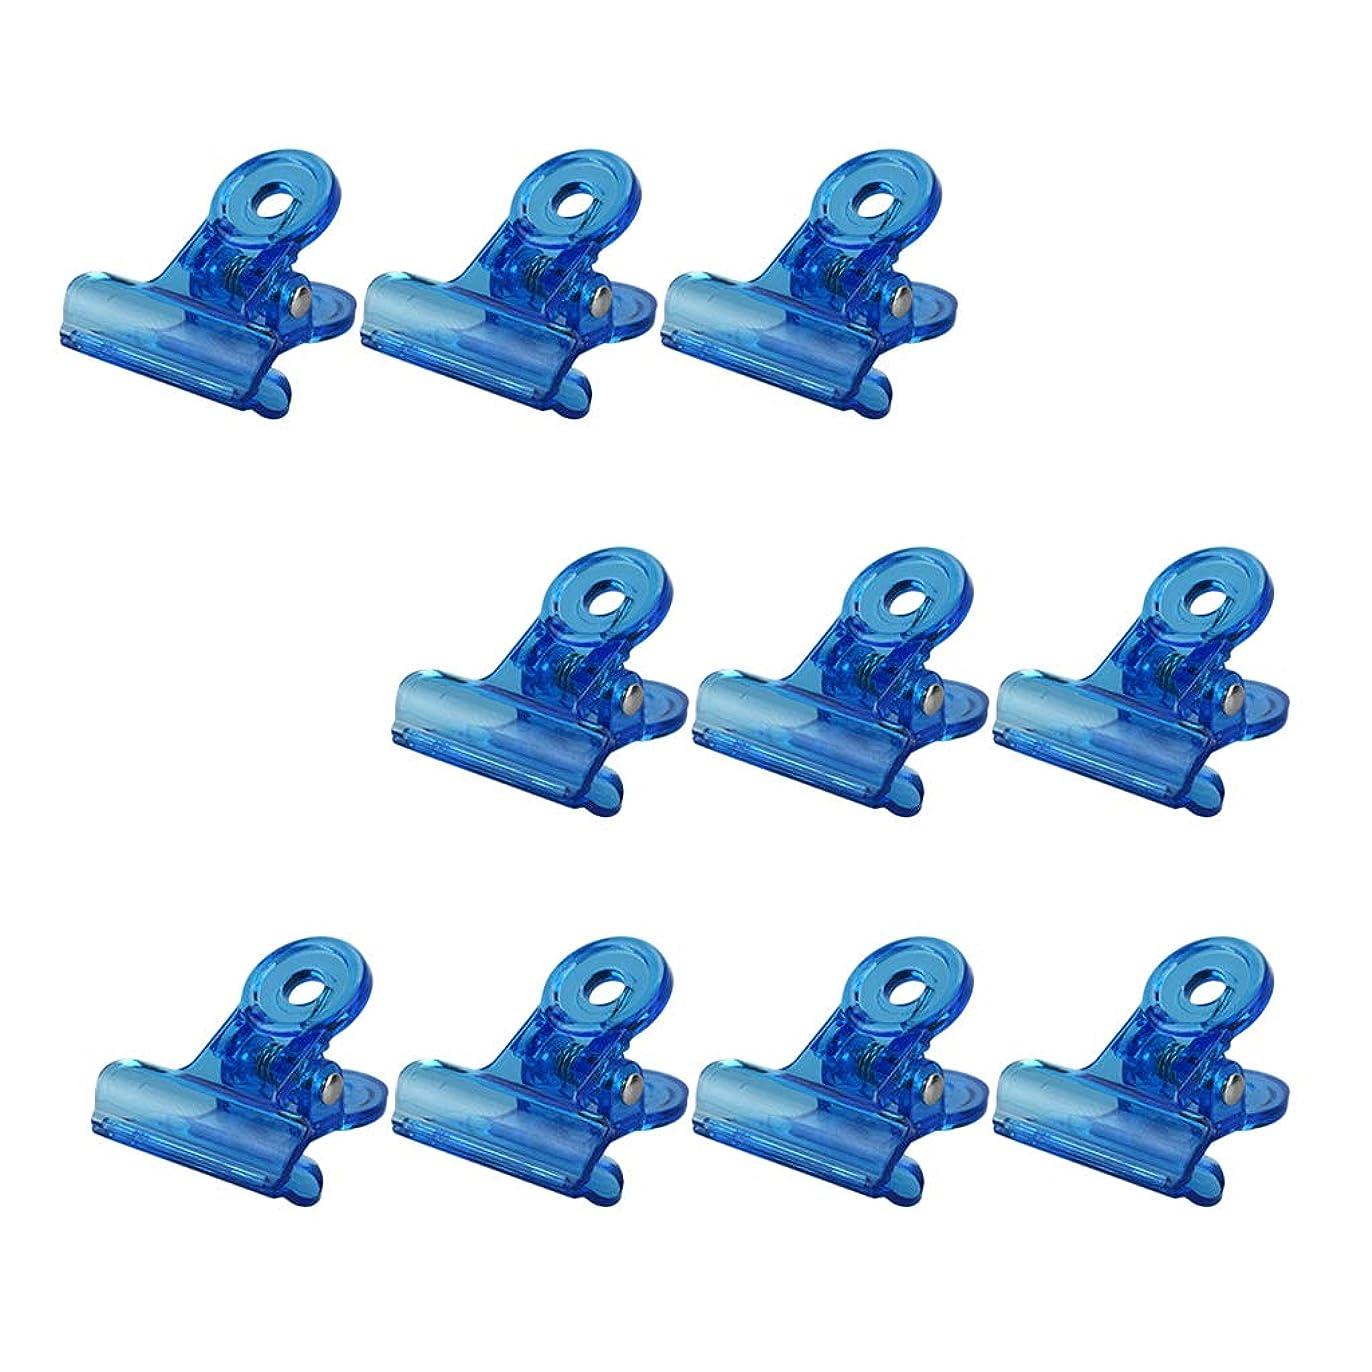 ワードローブ耳会社T TOOYFUL ネイルクリップ ネイルプロテクター ネイルアートツール 滑り止め 再利用可能 10個セット 全4色 - 青